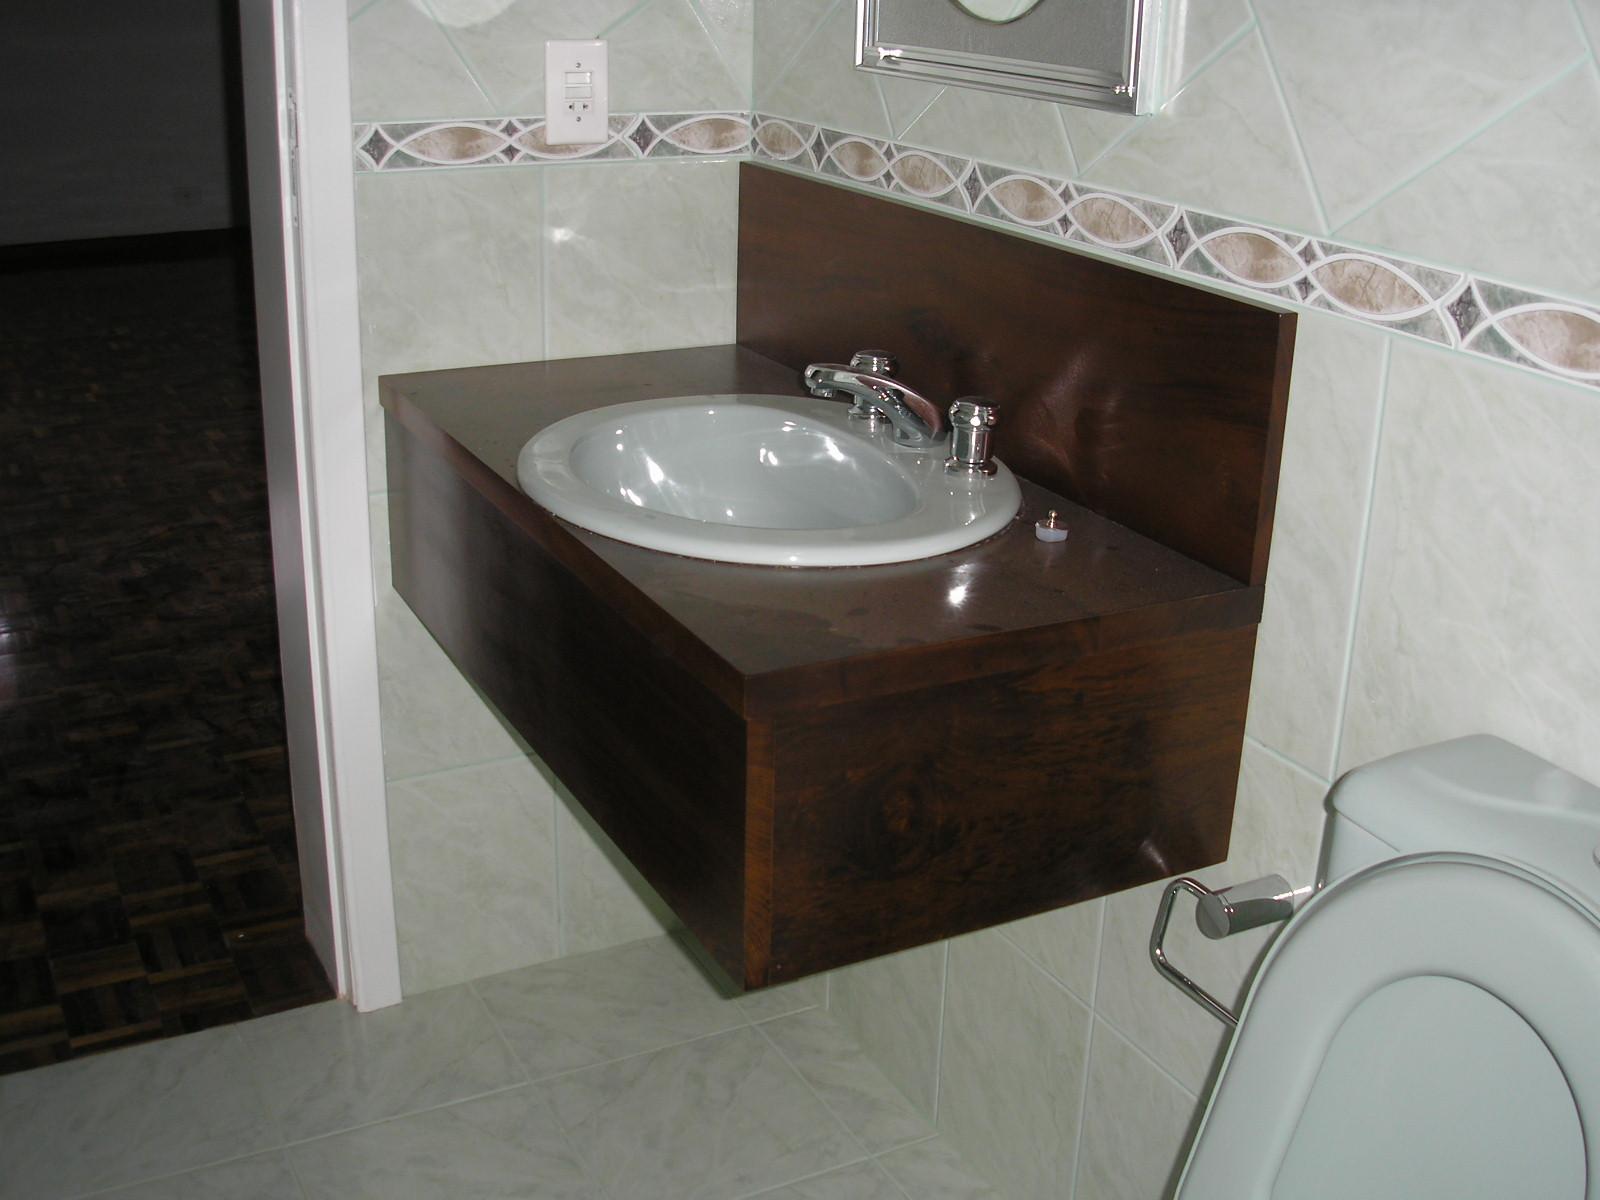 para banheiro em MDF com caixilho em madeira maciça em estrutura de  #251F19 1600x1200 Banheiro Com Banheira De Alvenaria